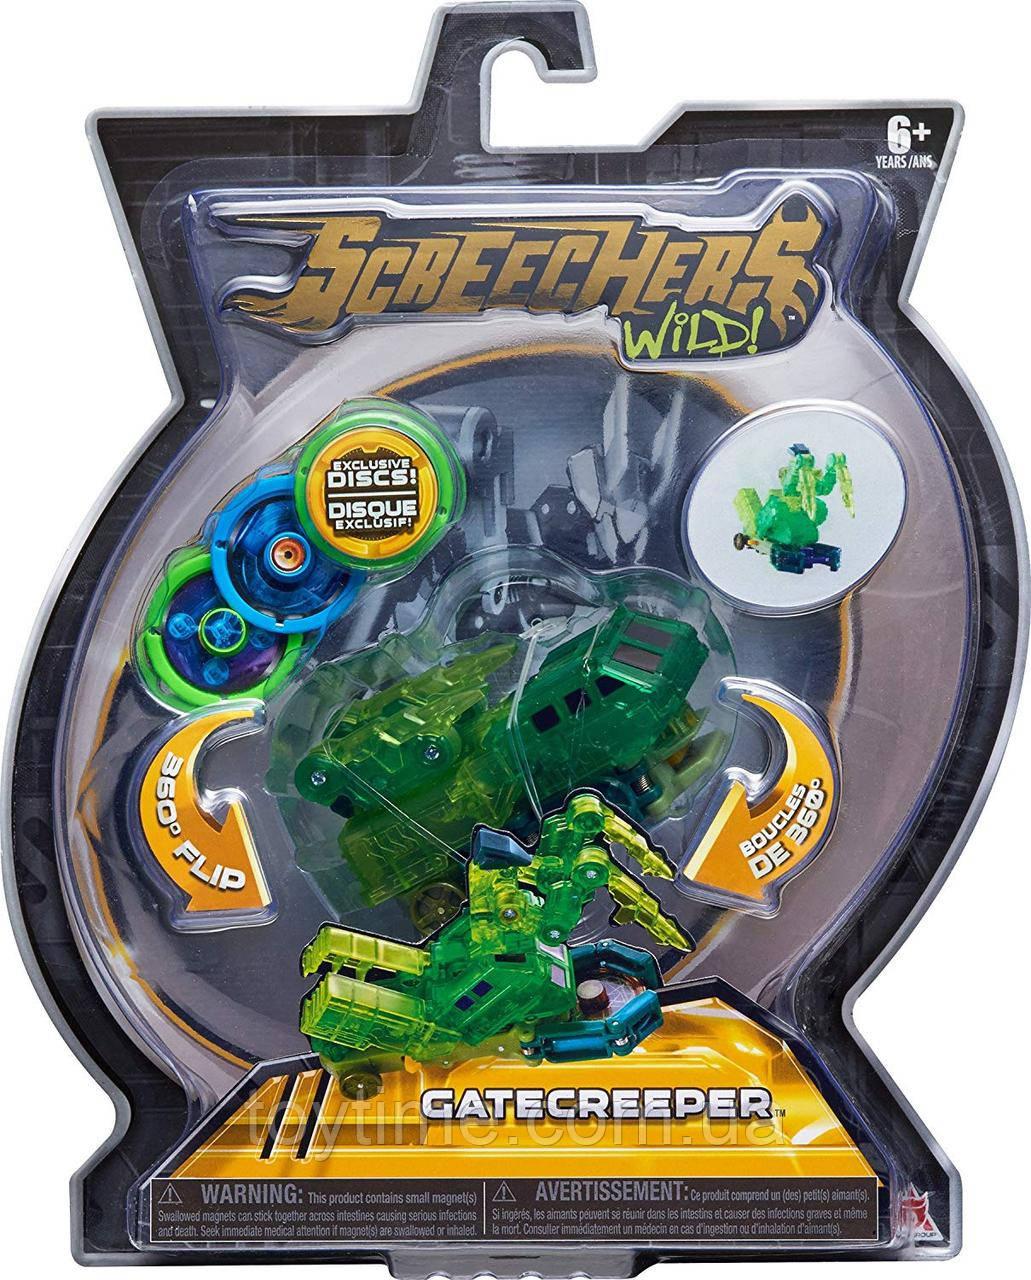 Машинка-трансформер Скричерс - Гейткрипер - Уровень 2 / Screechers Wild - Gatecreeper - Level 2